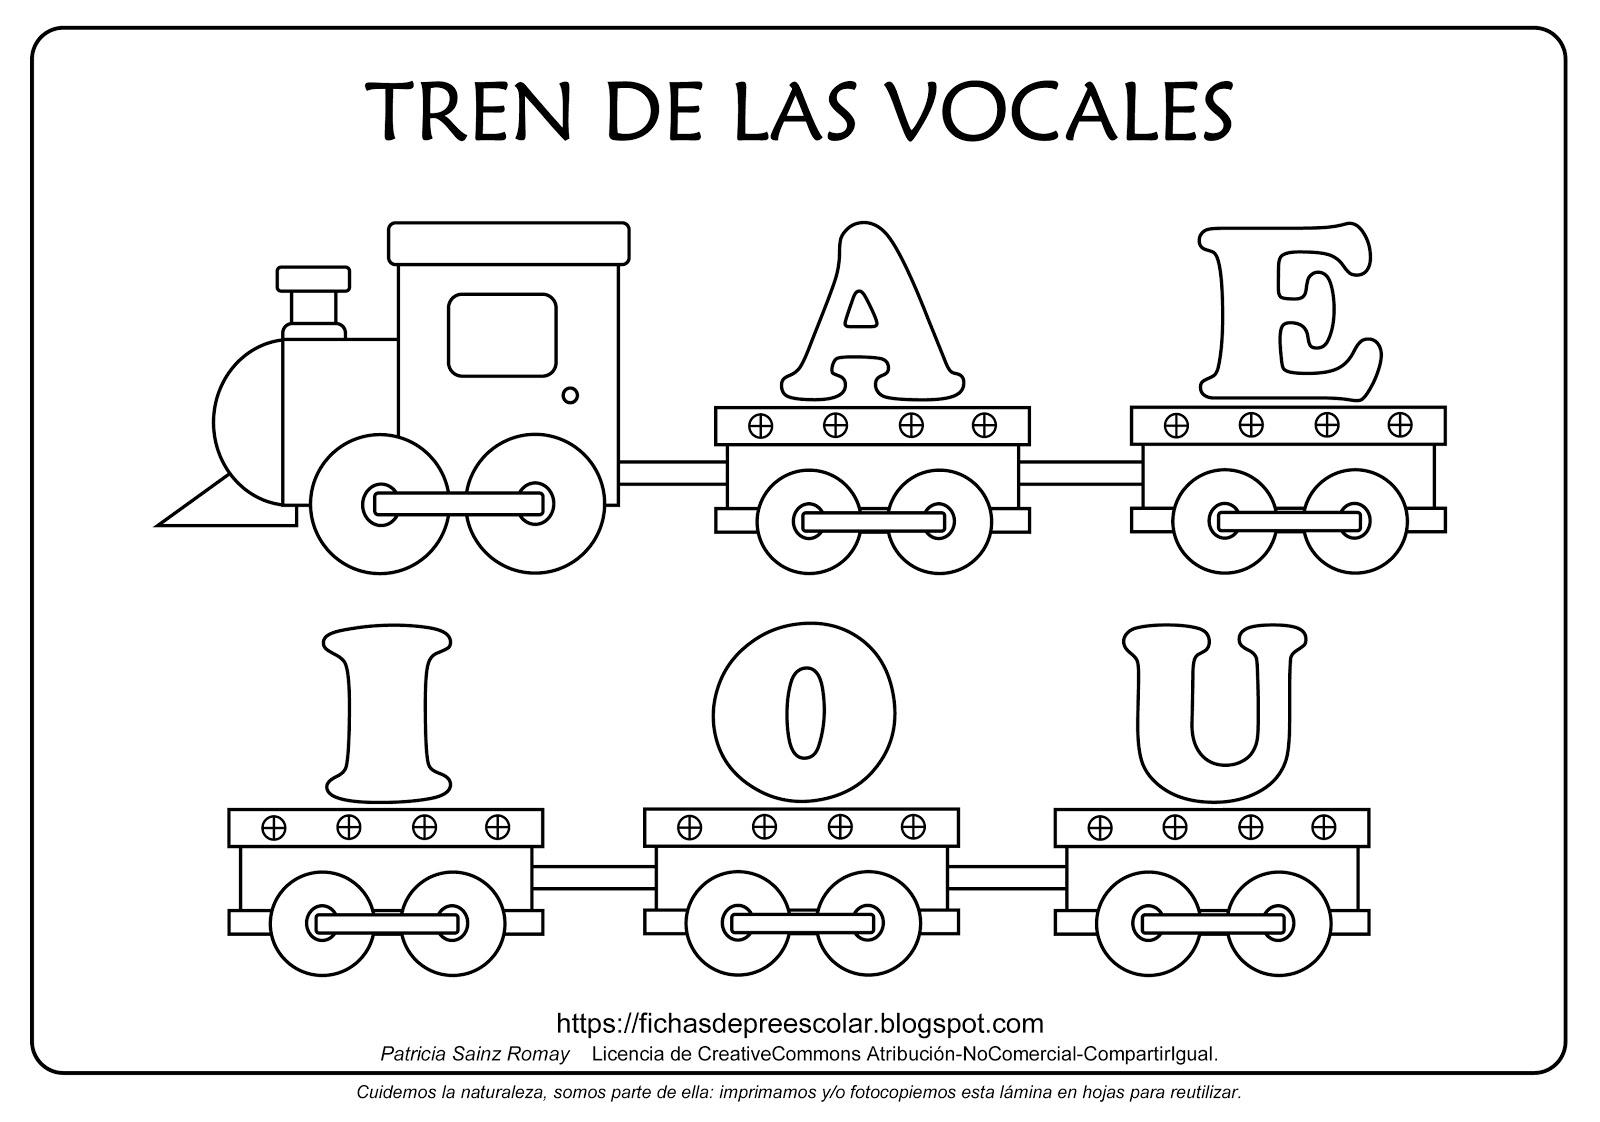 Fichas De Educación Preescolar Tren De Las Vocales Para